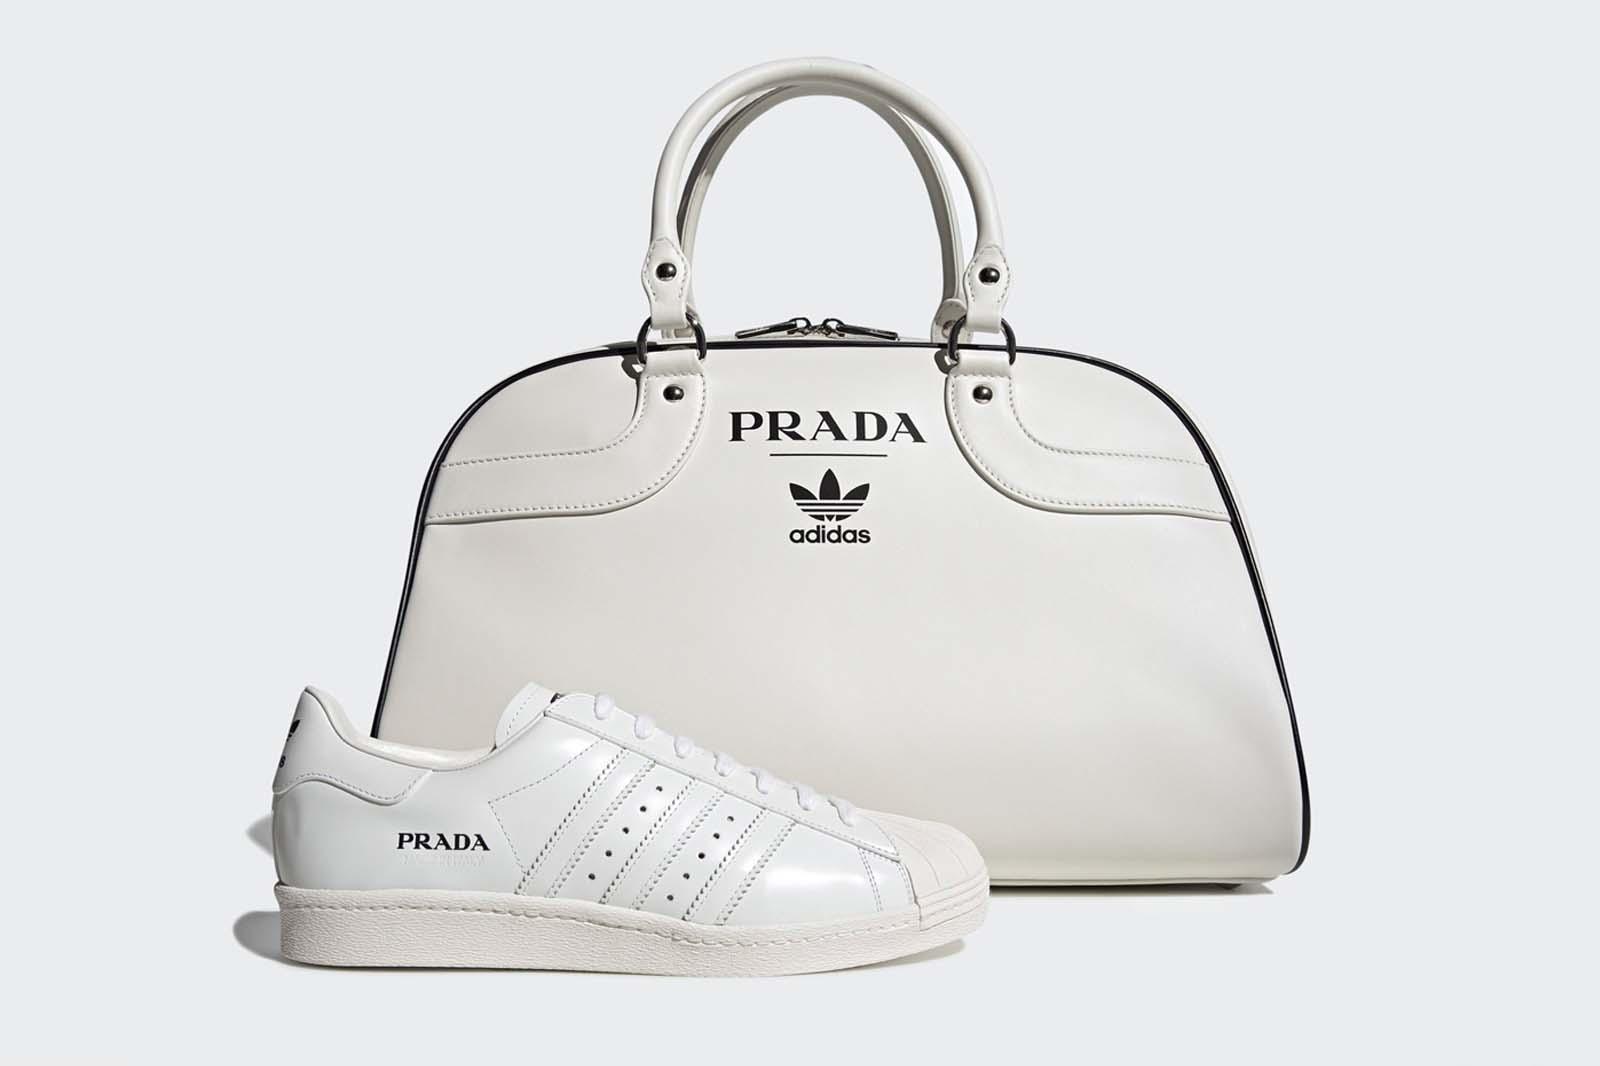 Tasche sowie Sneaker von Adidas und Prada